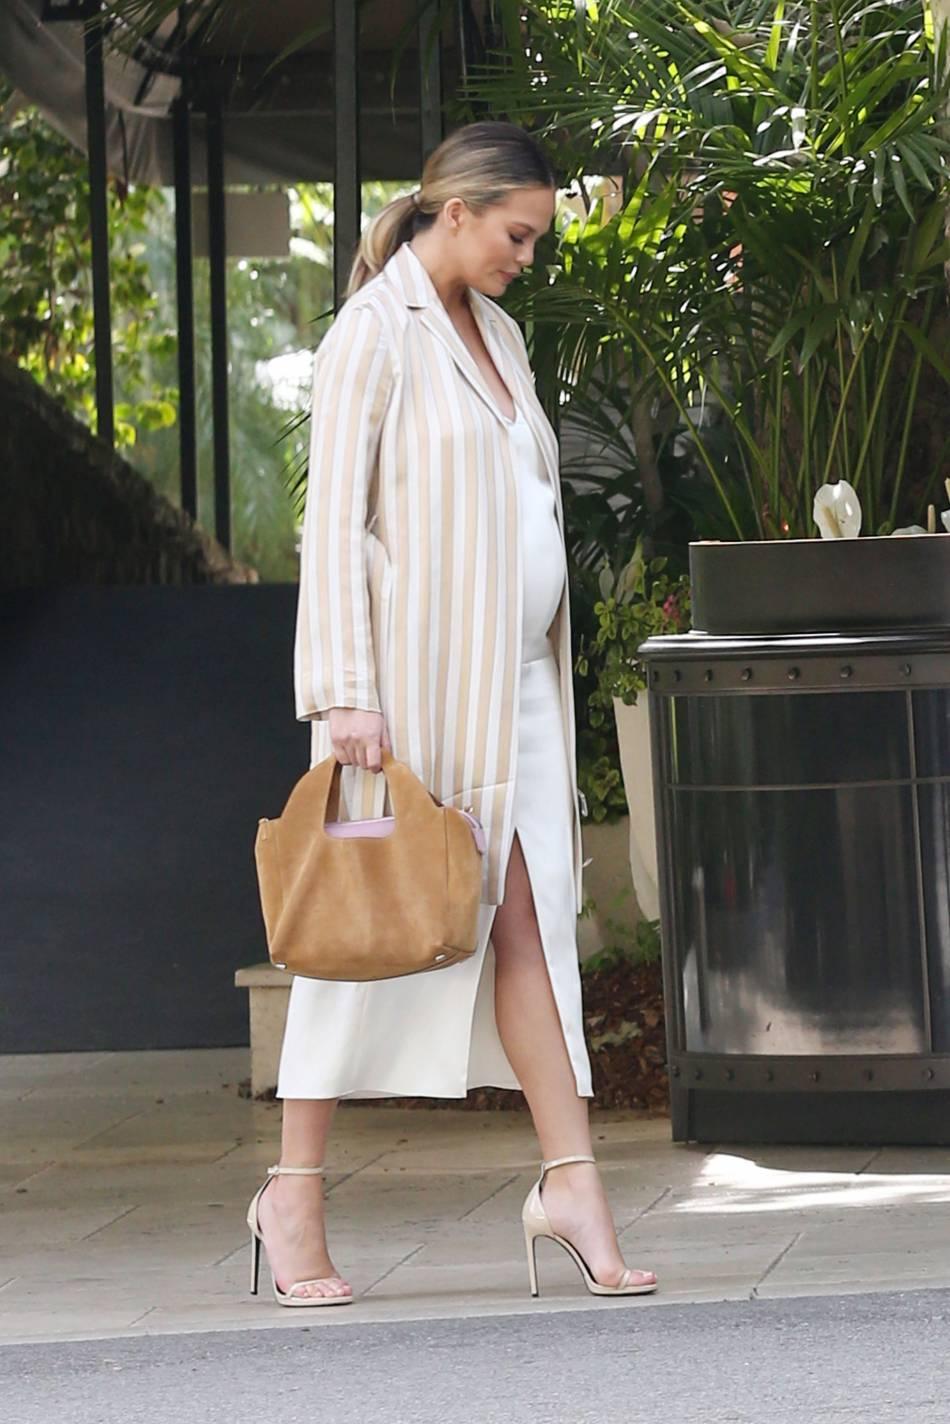 Chrissy Teigen opte pour un look de working girl glamour pour afficher son baby bump.